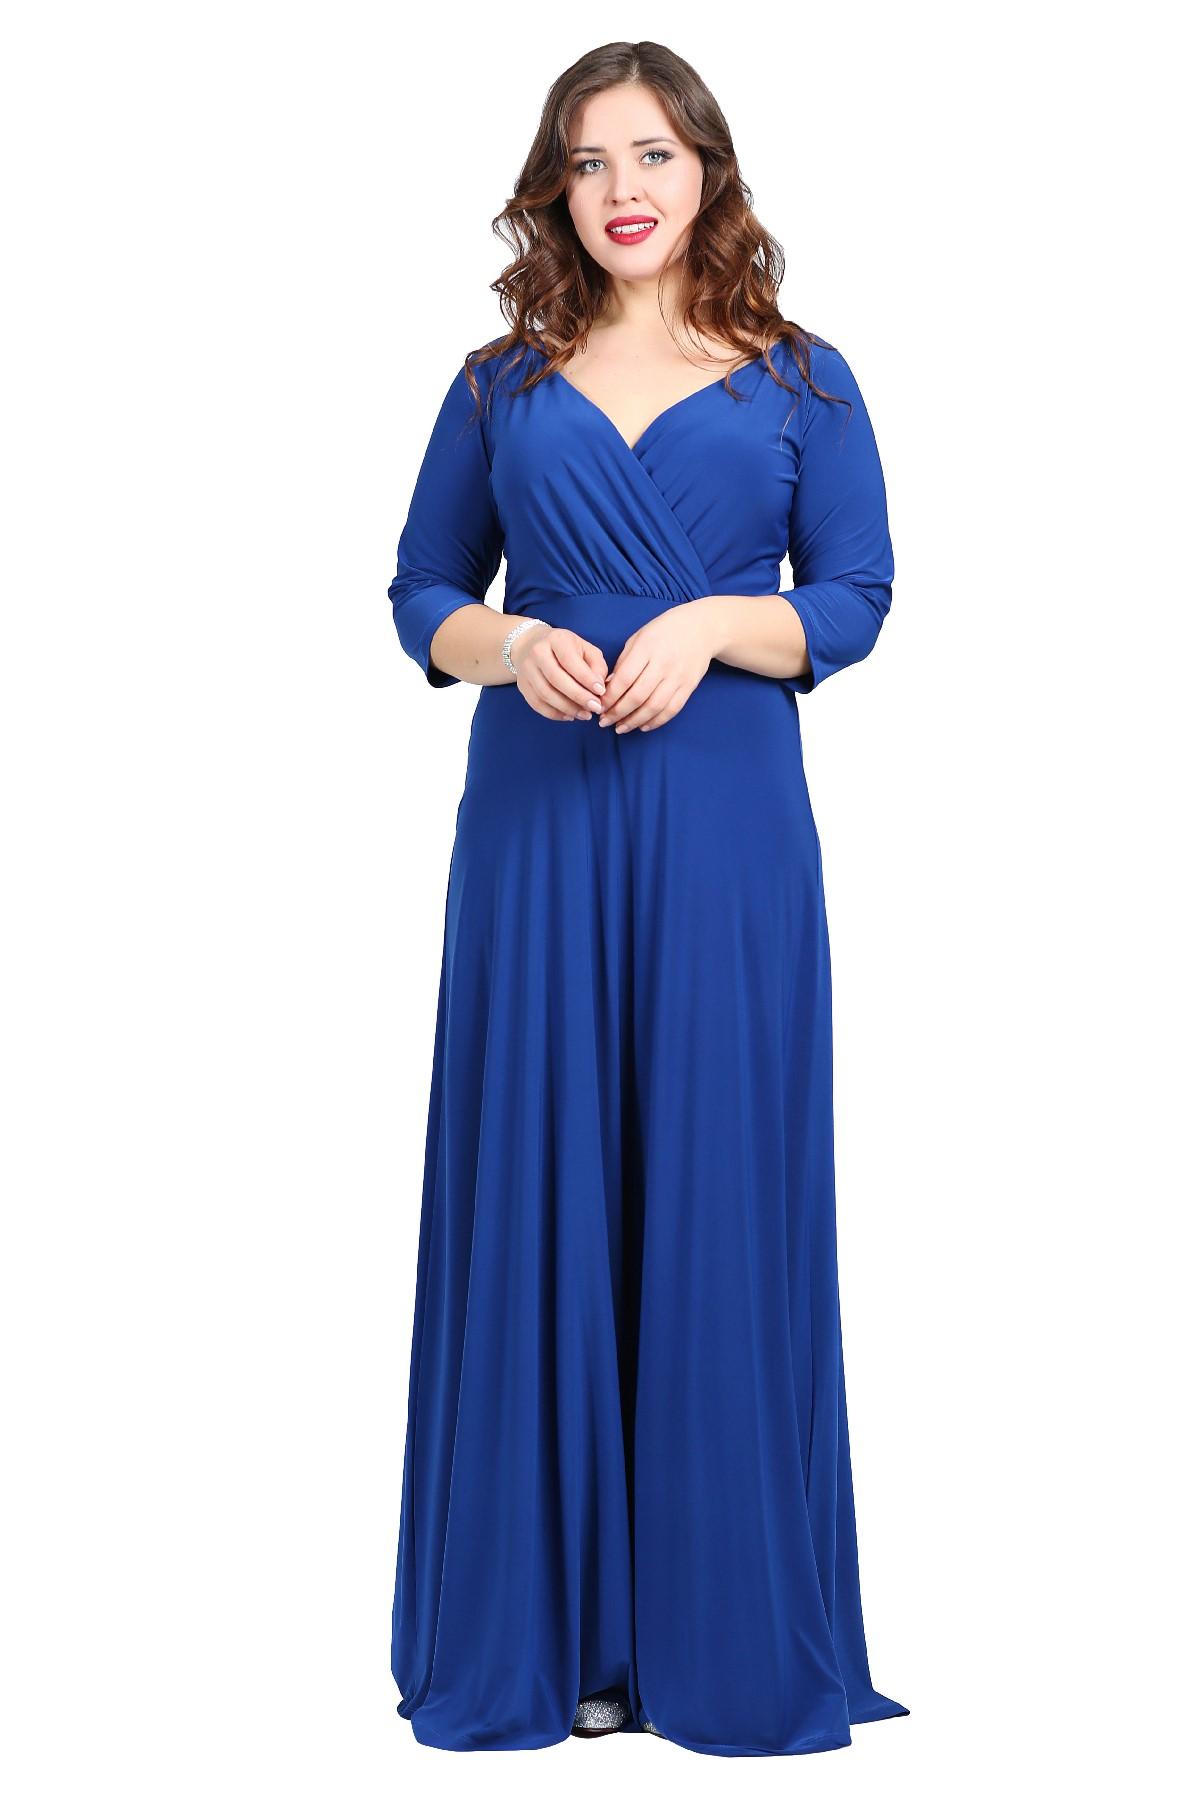 Women's Oversize Classy Evening Dress